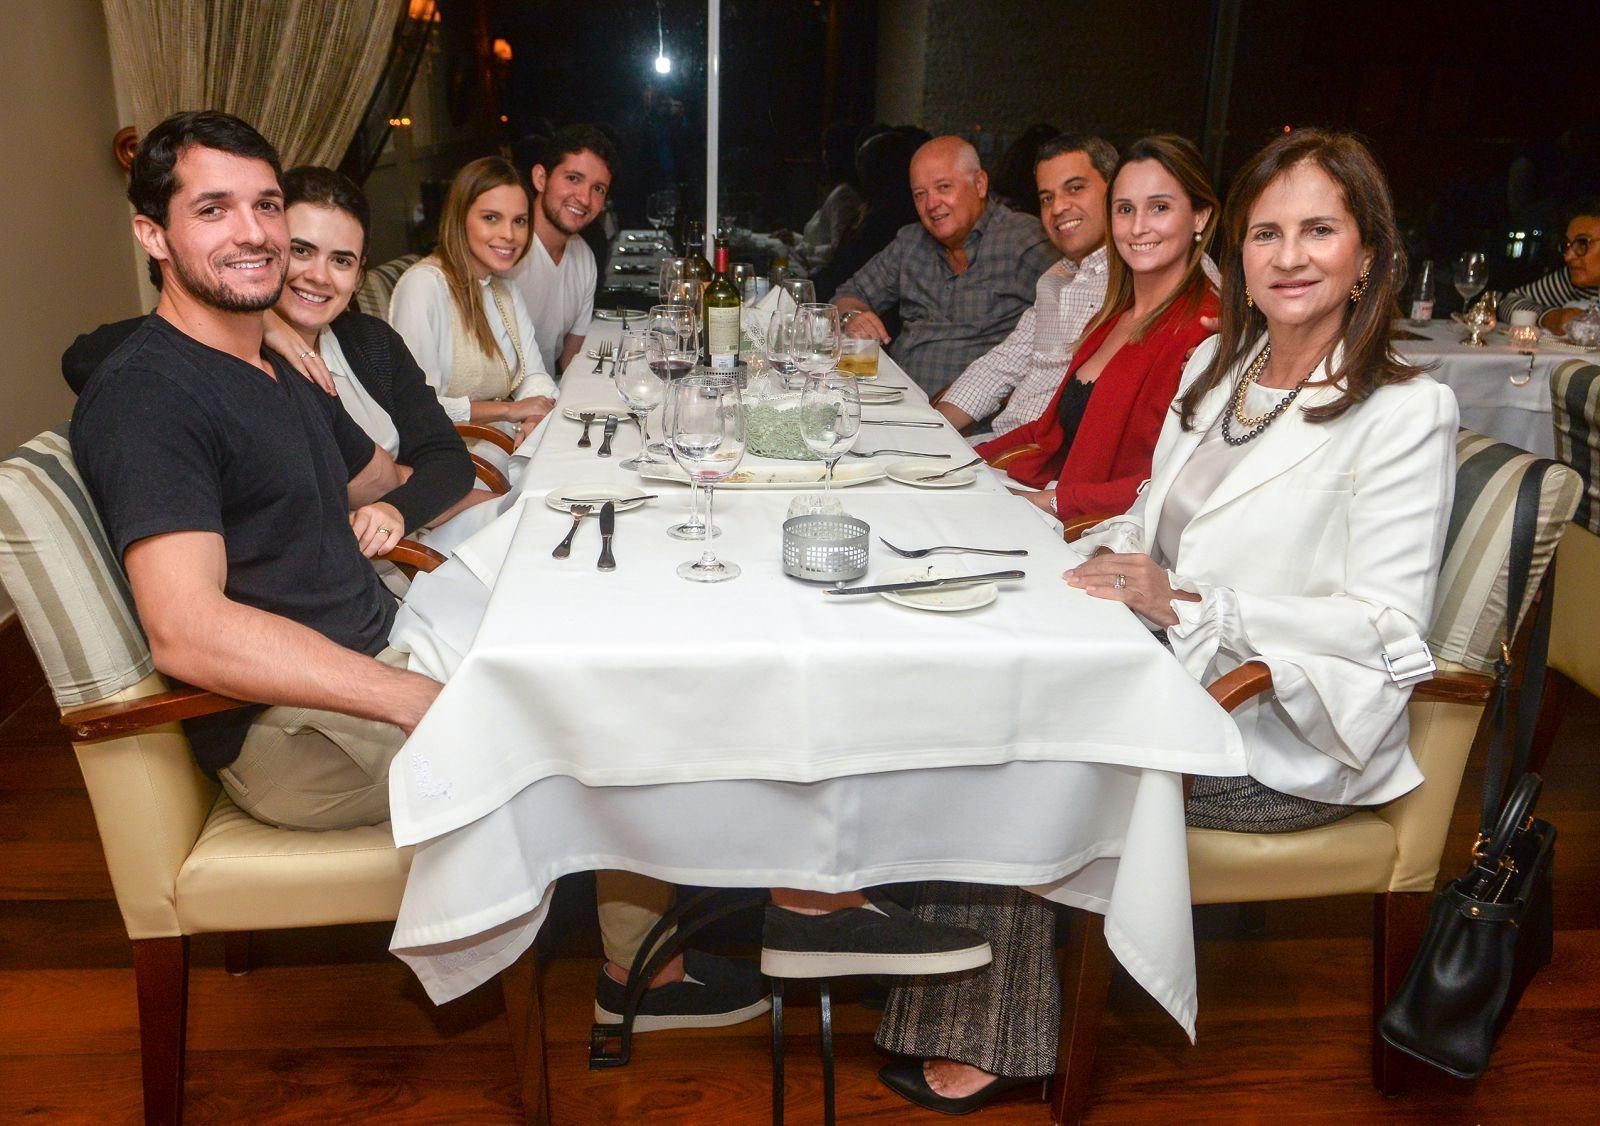 Carlinhos e Rita Kruschewky com os filhos e futuras noras e amigos jantando no Chez Bernard